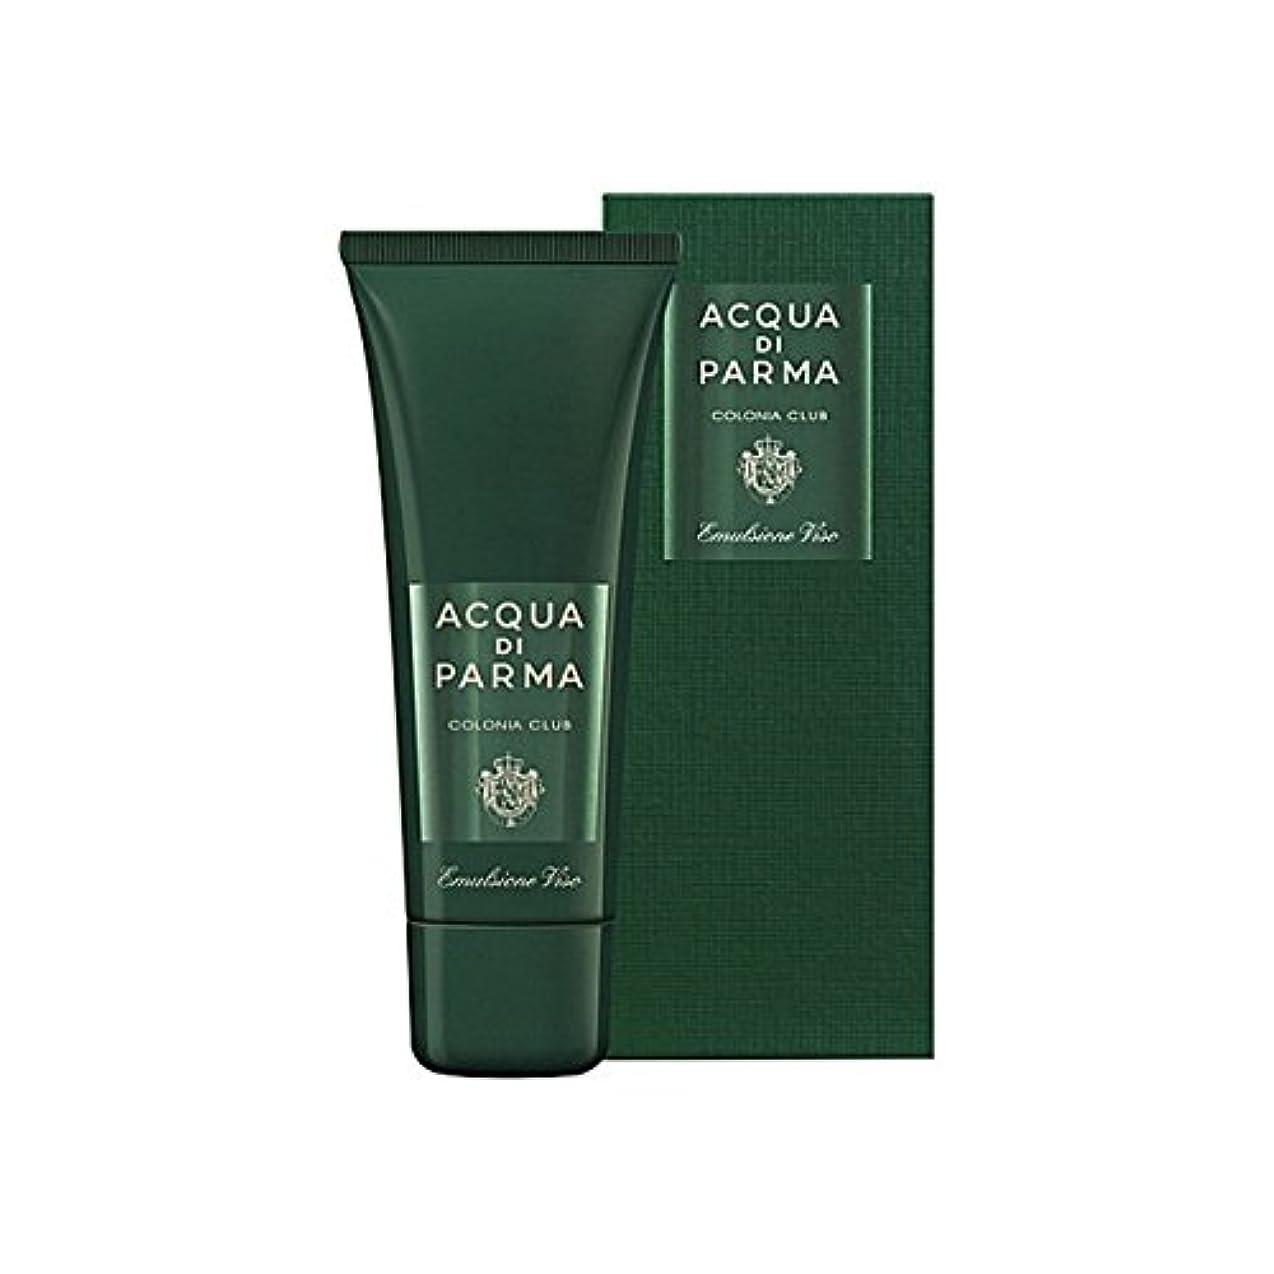 貞南アメリカ有名アクアディパルマコロニアクラブフェースエマルジョン75ミリリットル x2 - Acqua Di Parma Colonia Club Face Emulsion 75ml (Pack of 2) [並行輸入品]